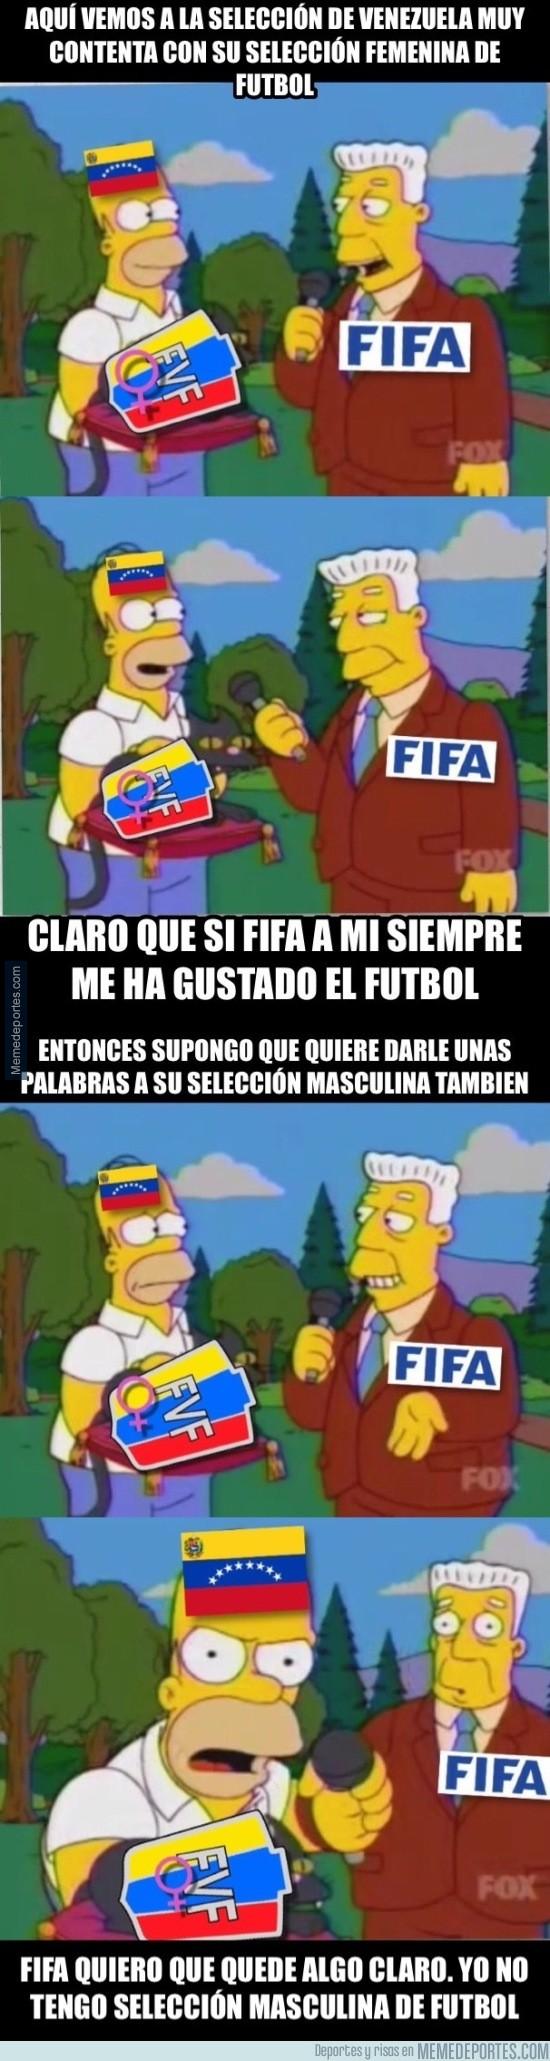 915937 - Venezuela NO tiene selección masculina de fútbol